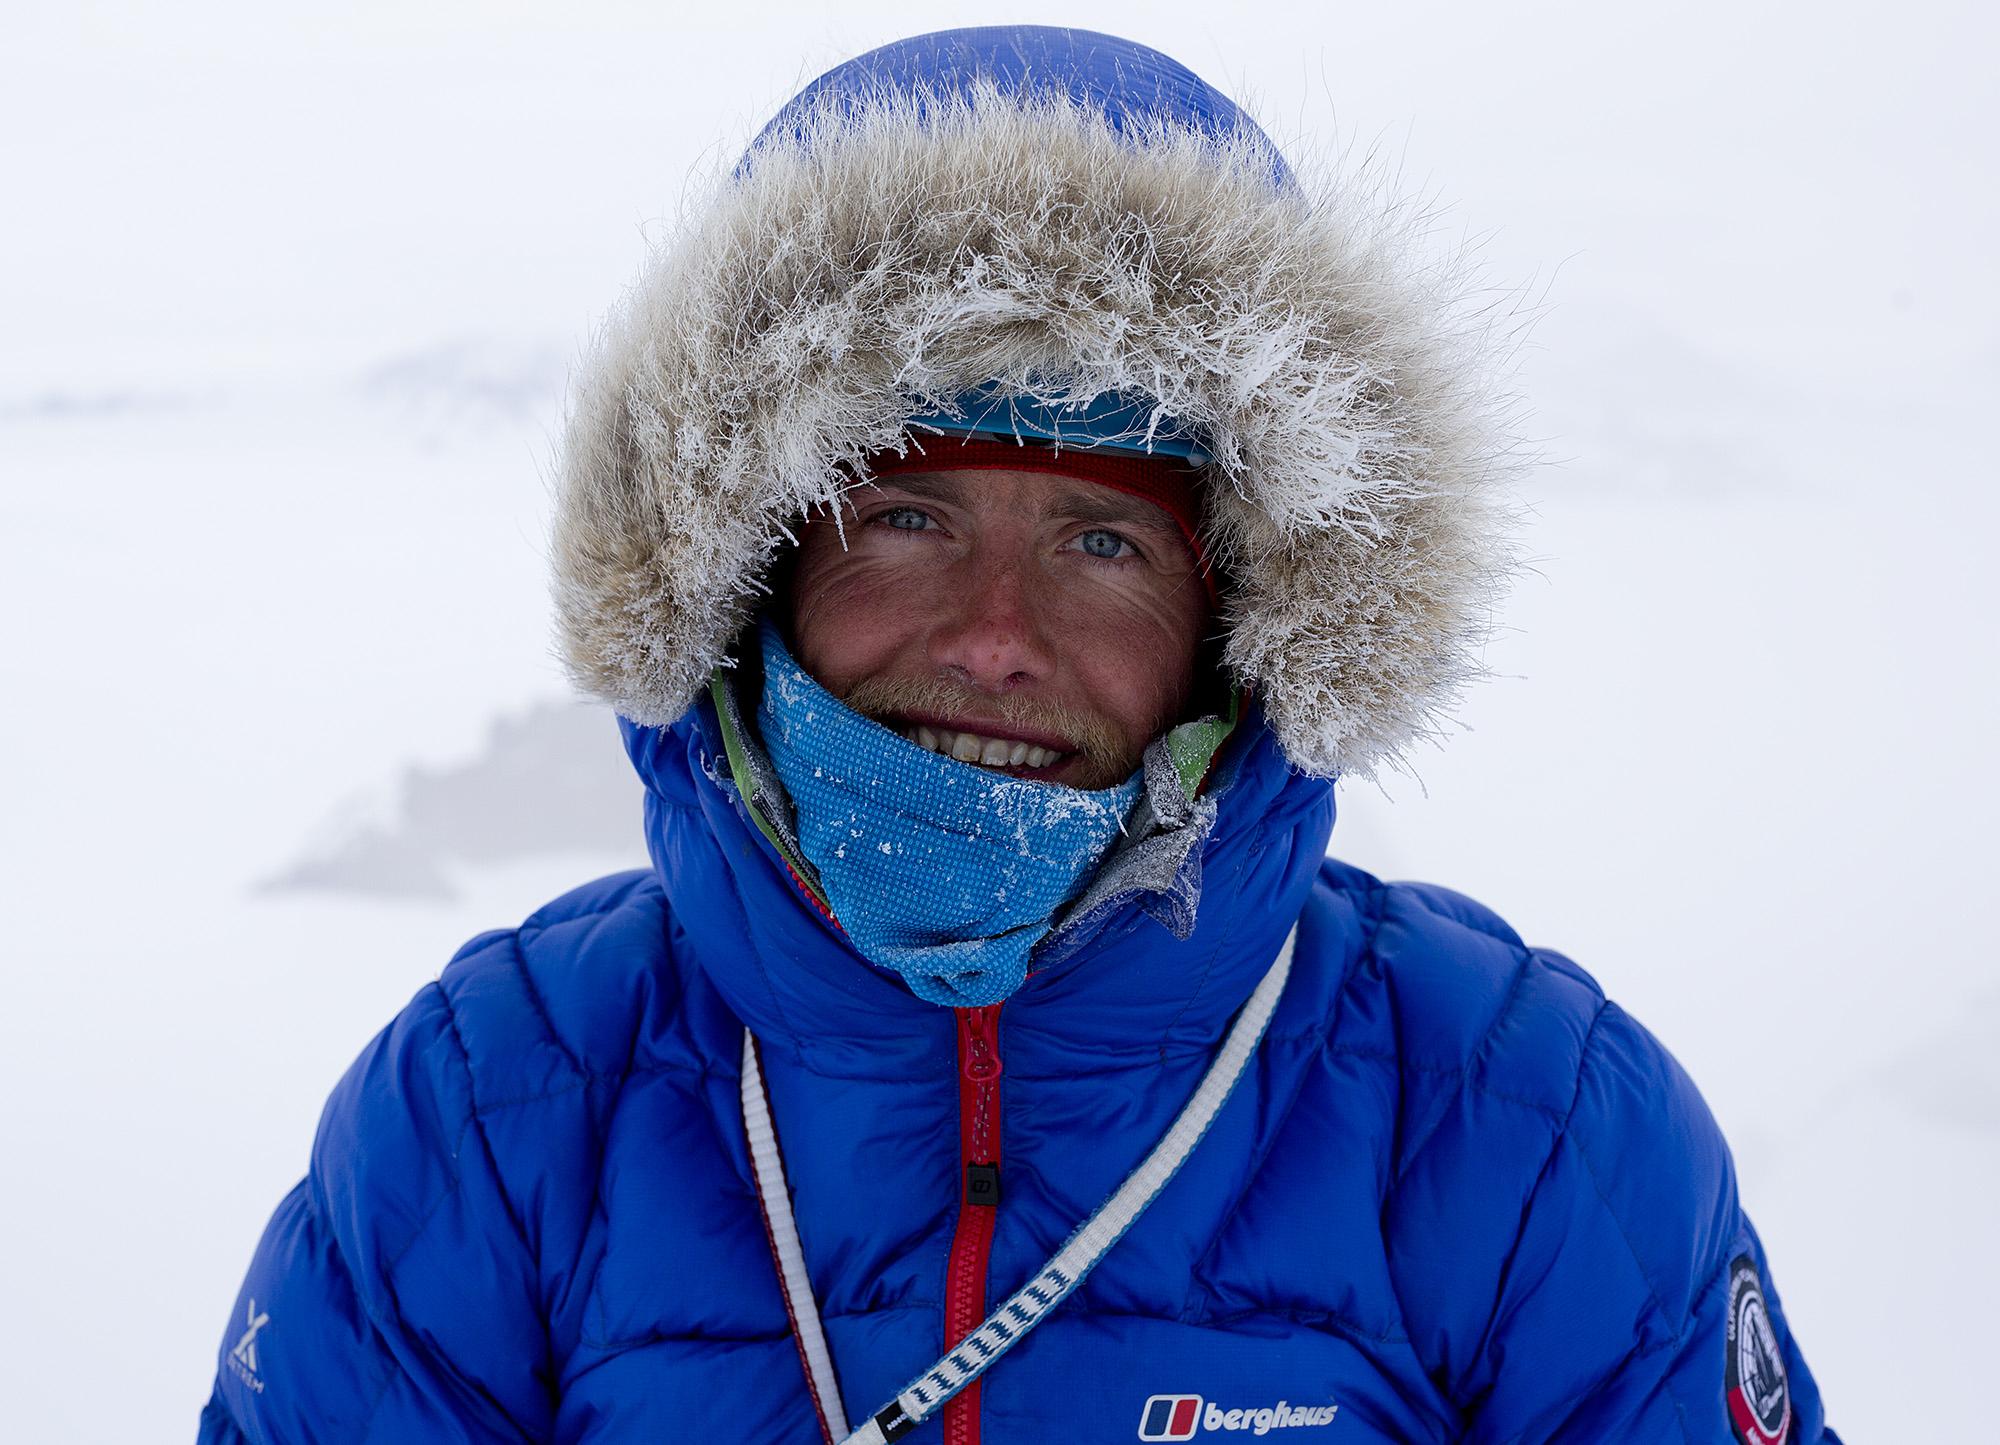 Leo Houlding y la montaña más remota de la tierra